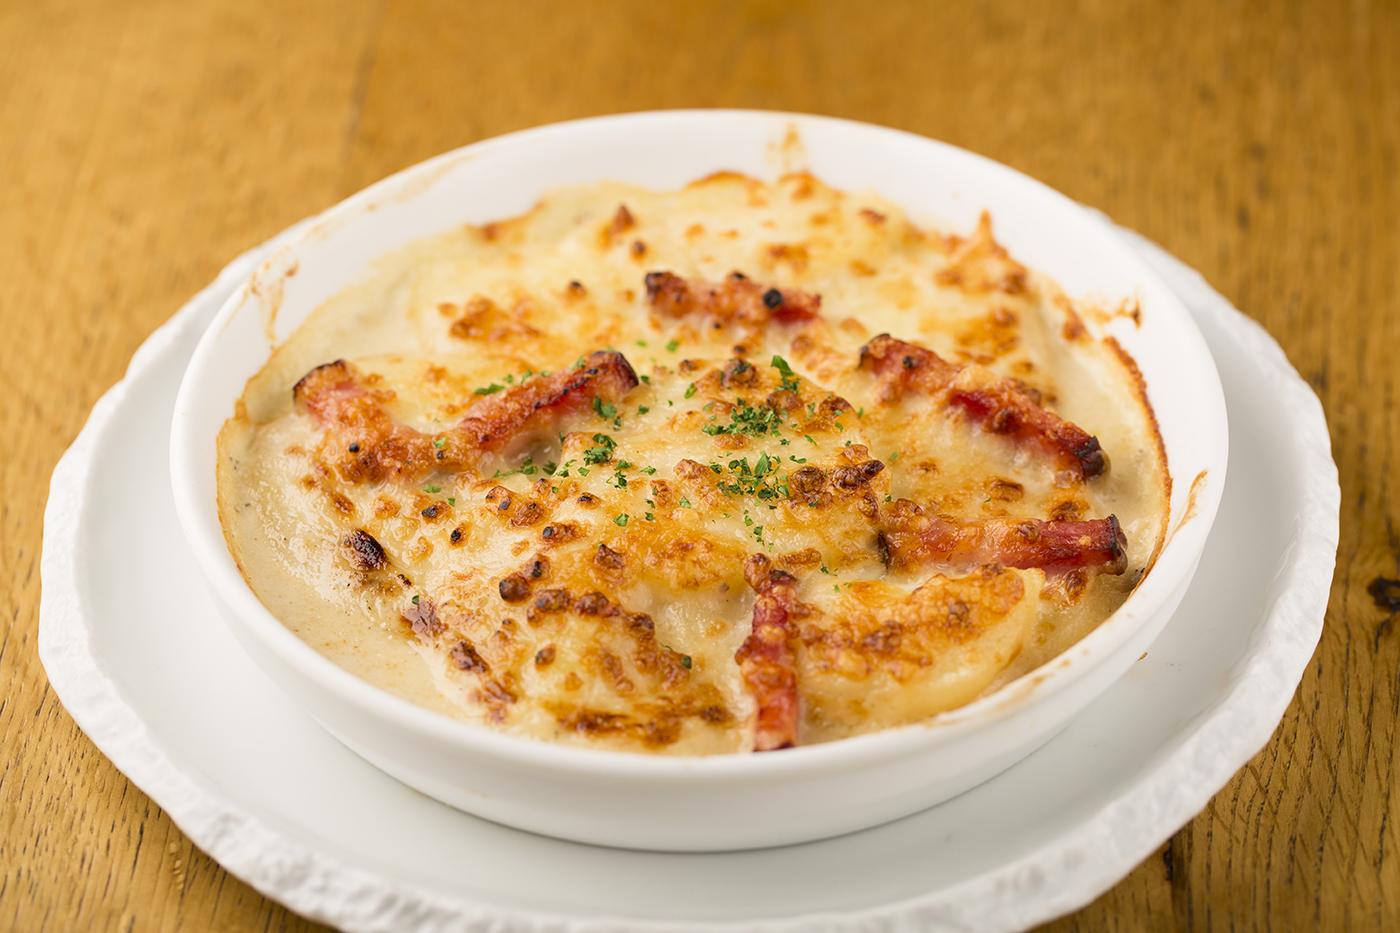 アンチョビとジャガイモのチーズグラタン